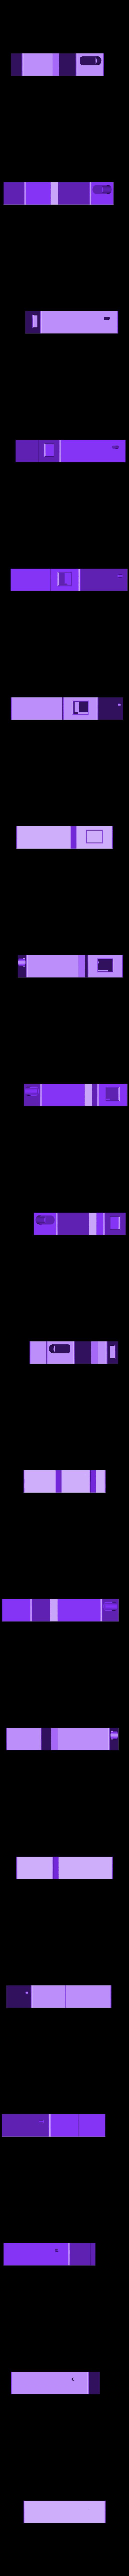 Soporte_arduino_y_sensor_hidrogel_v2.stl Télécharger fichier STL gratuit Distributeur automatique de gel Remix • Plan à imprimer en 3D, maxine95